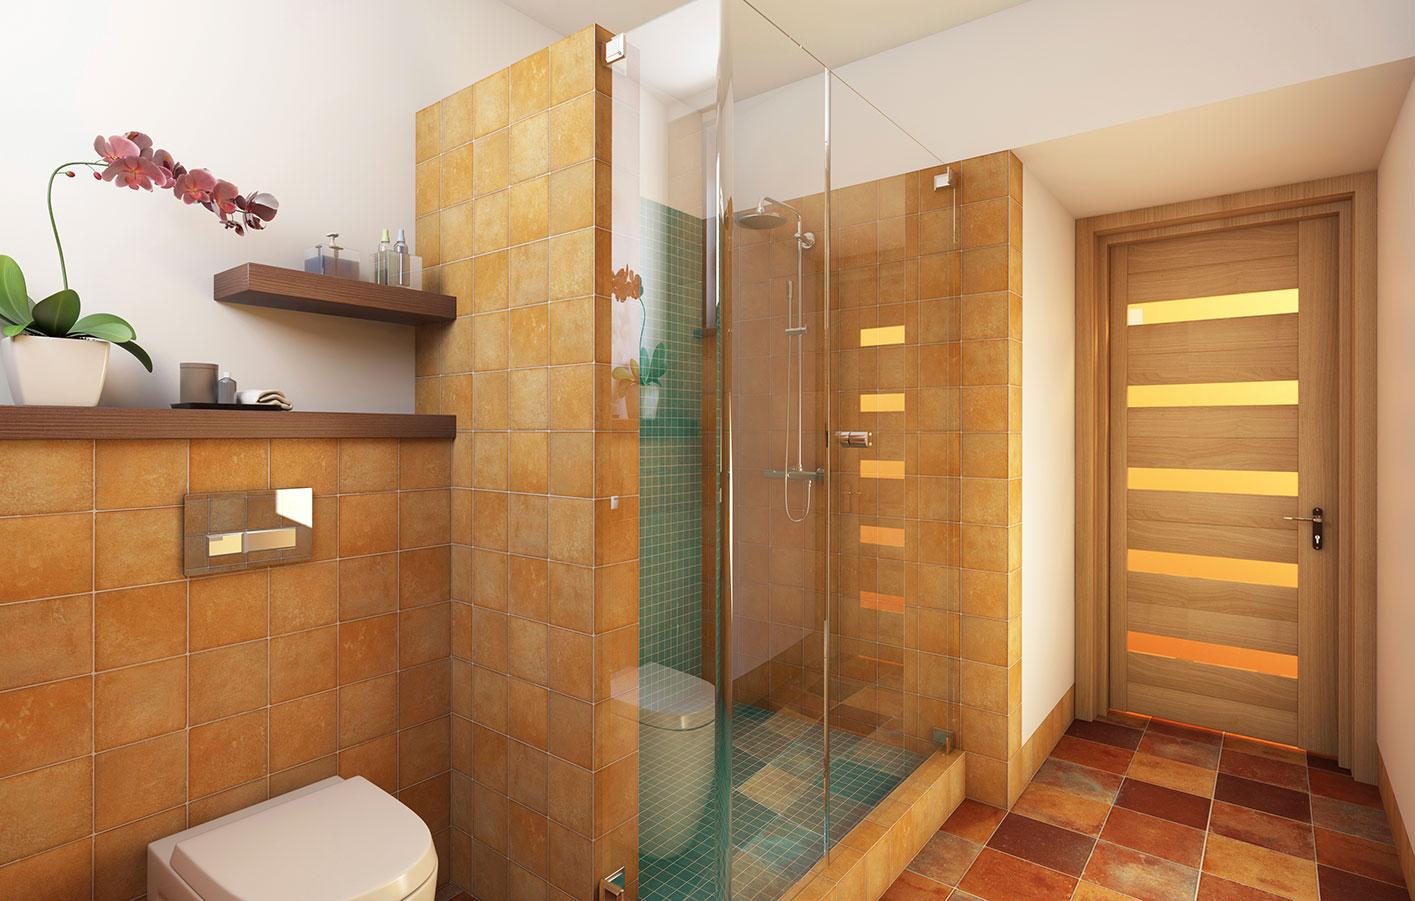 Zimmertür modern  Holzkellner – Parkett, Laminat, Türen, Terrasse, Zaun für Plauen ...